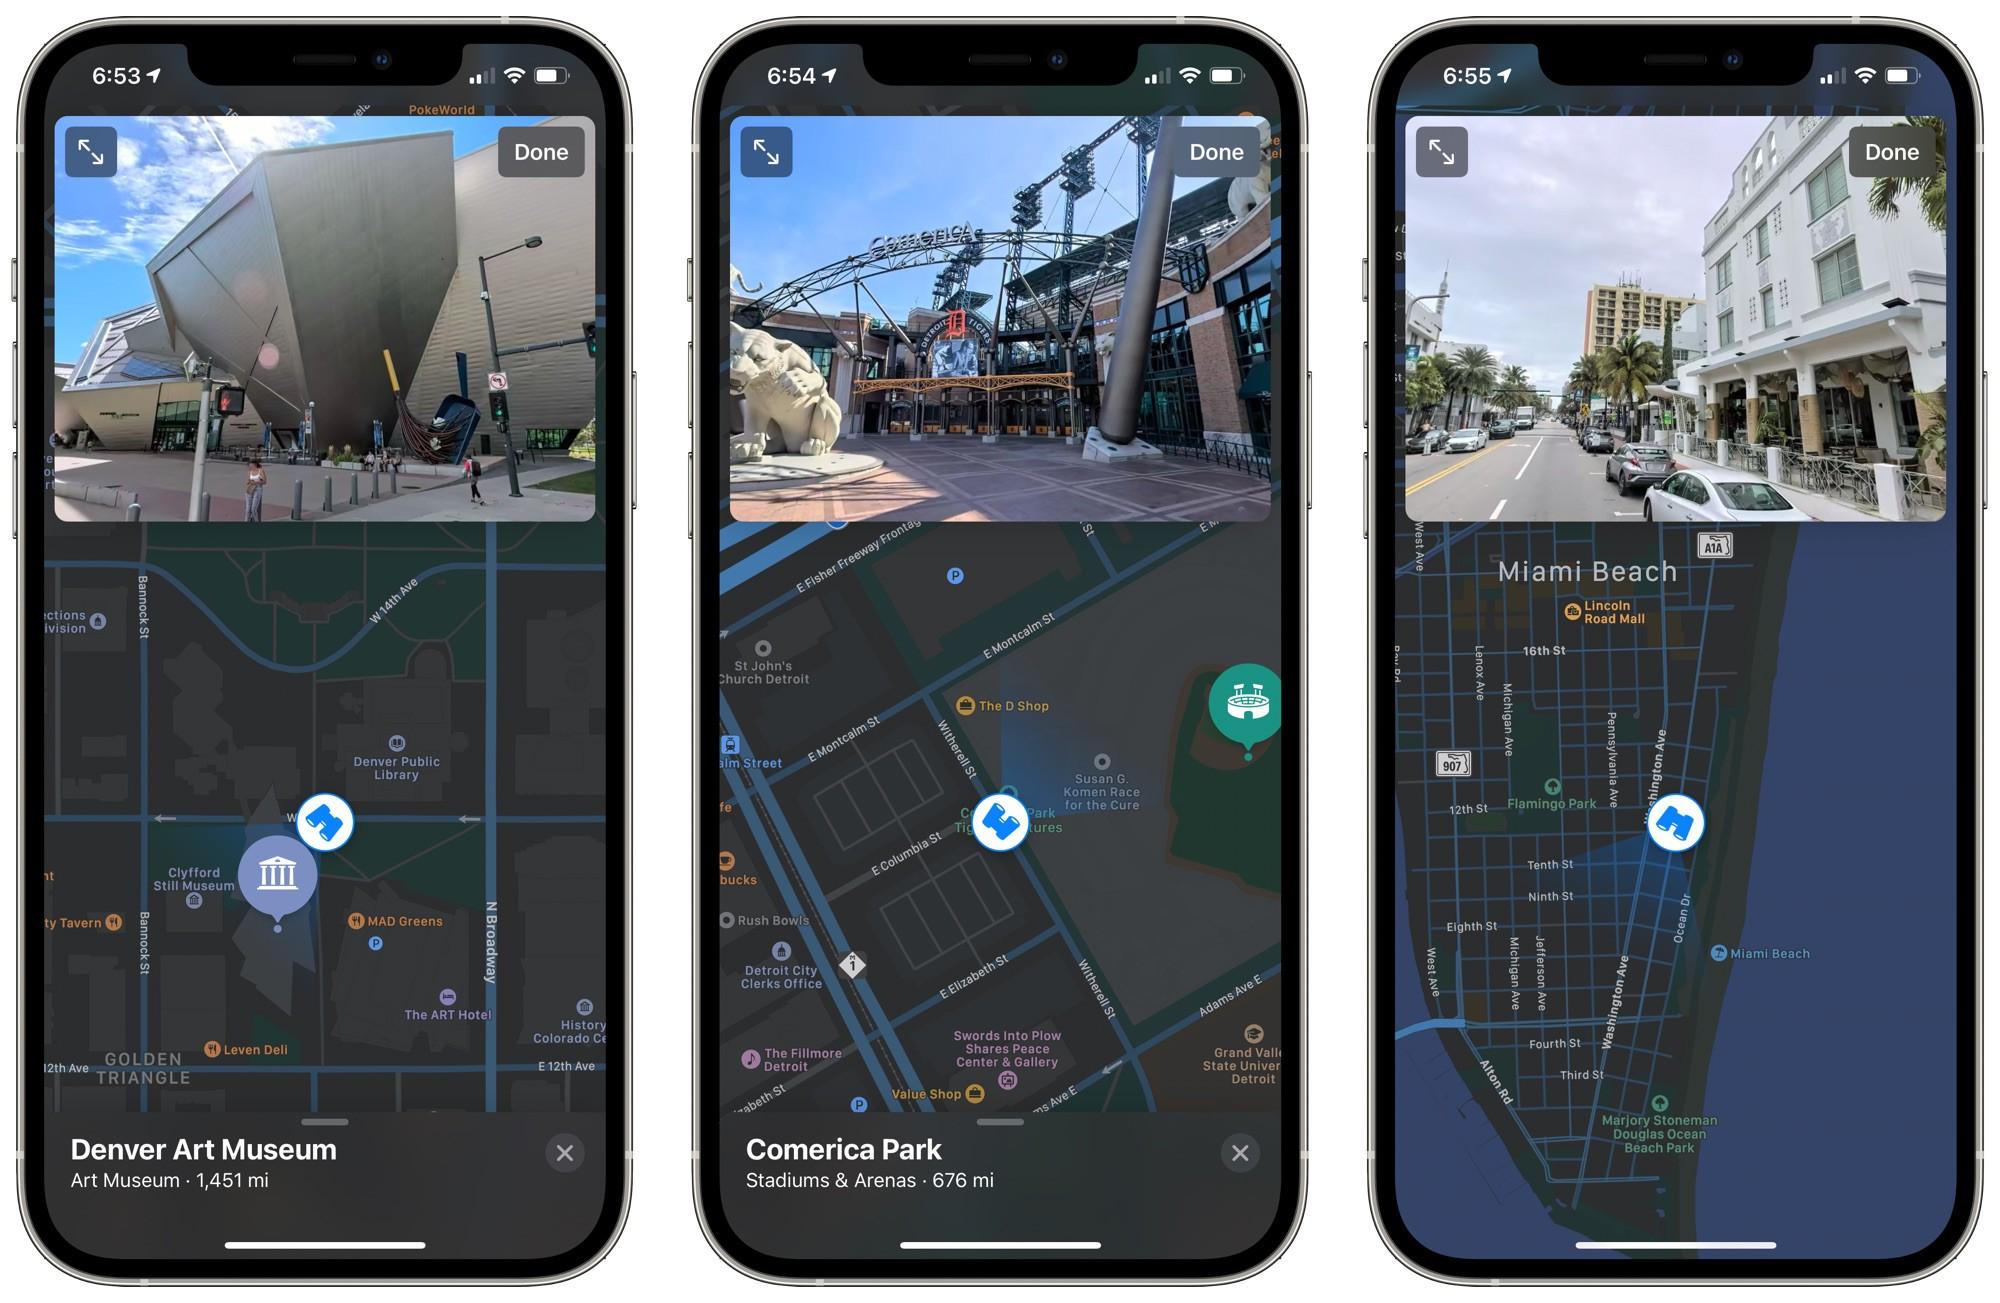 Olhe ao Redor, do Mapas da Apple, em Miami (Flórida, EUA)